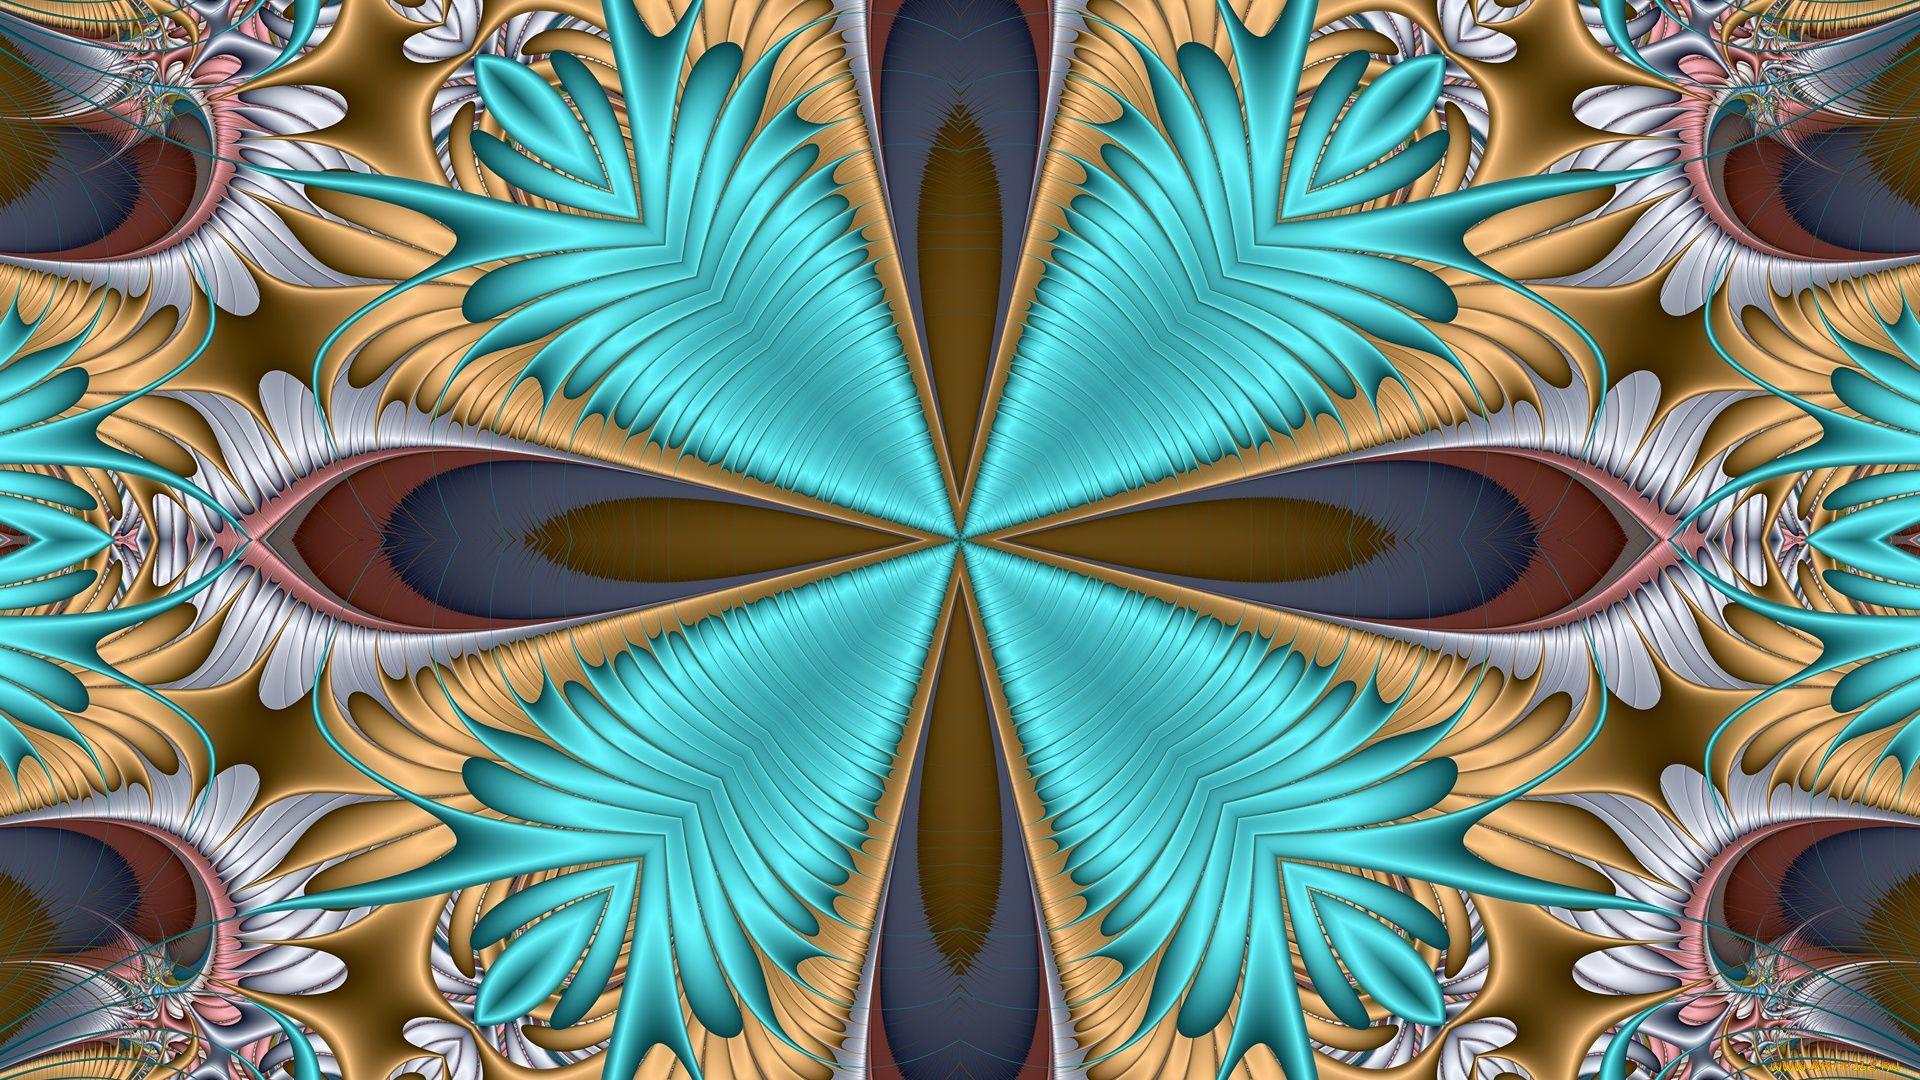 Kaleidoscope Download Wallpaper